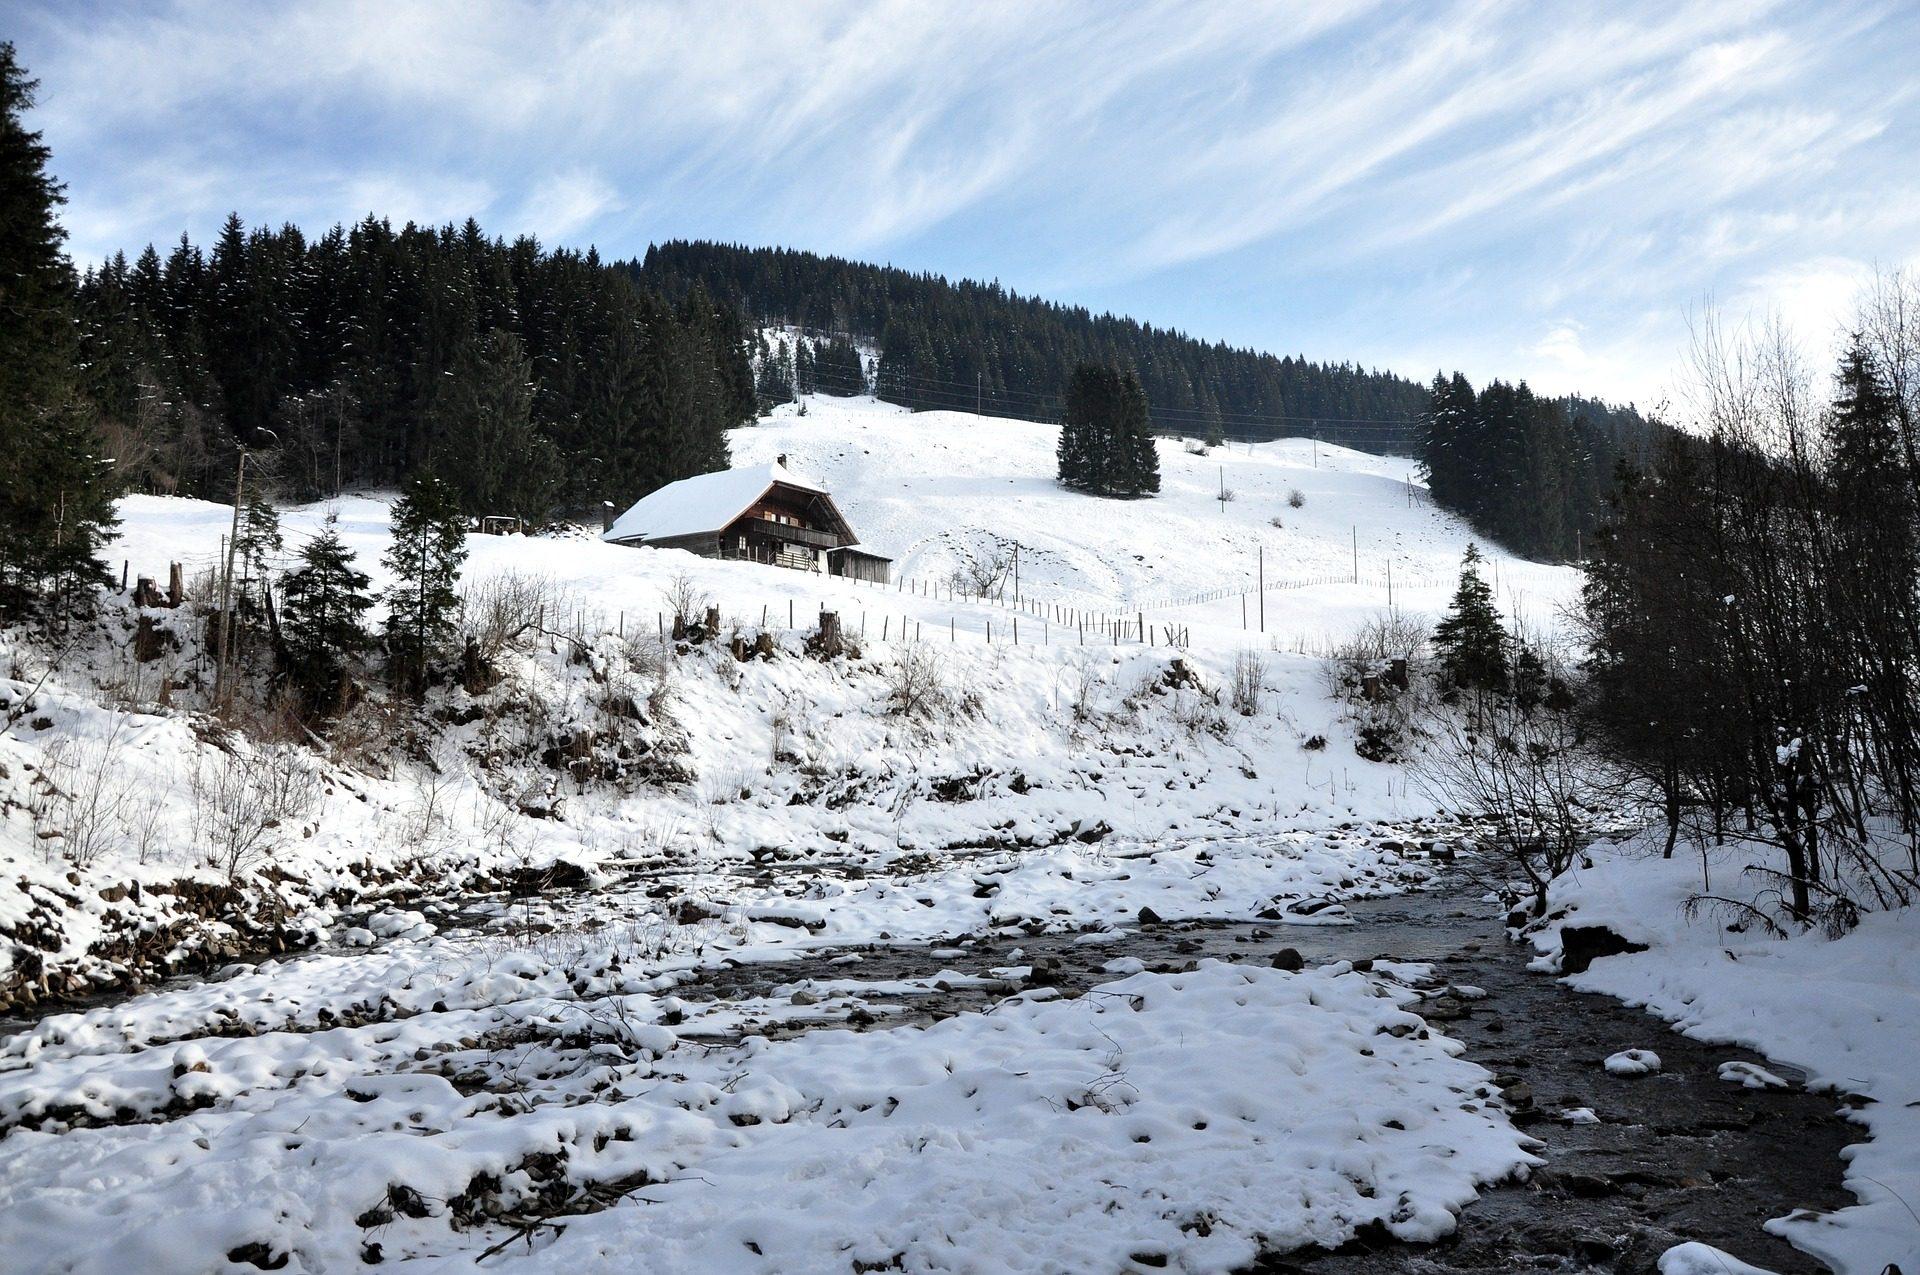 山, 雪, カバナ, 木, リアチュエロ - HD の壁紙 - 教授-falken.com